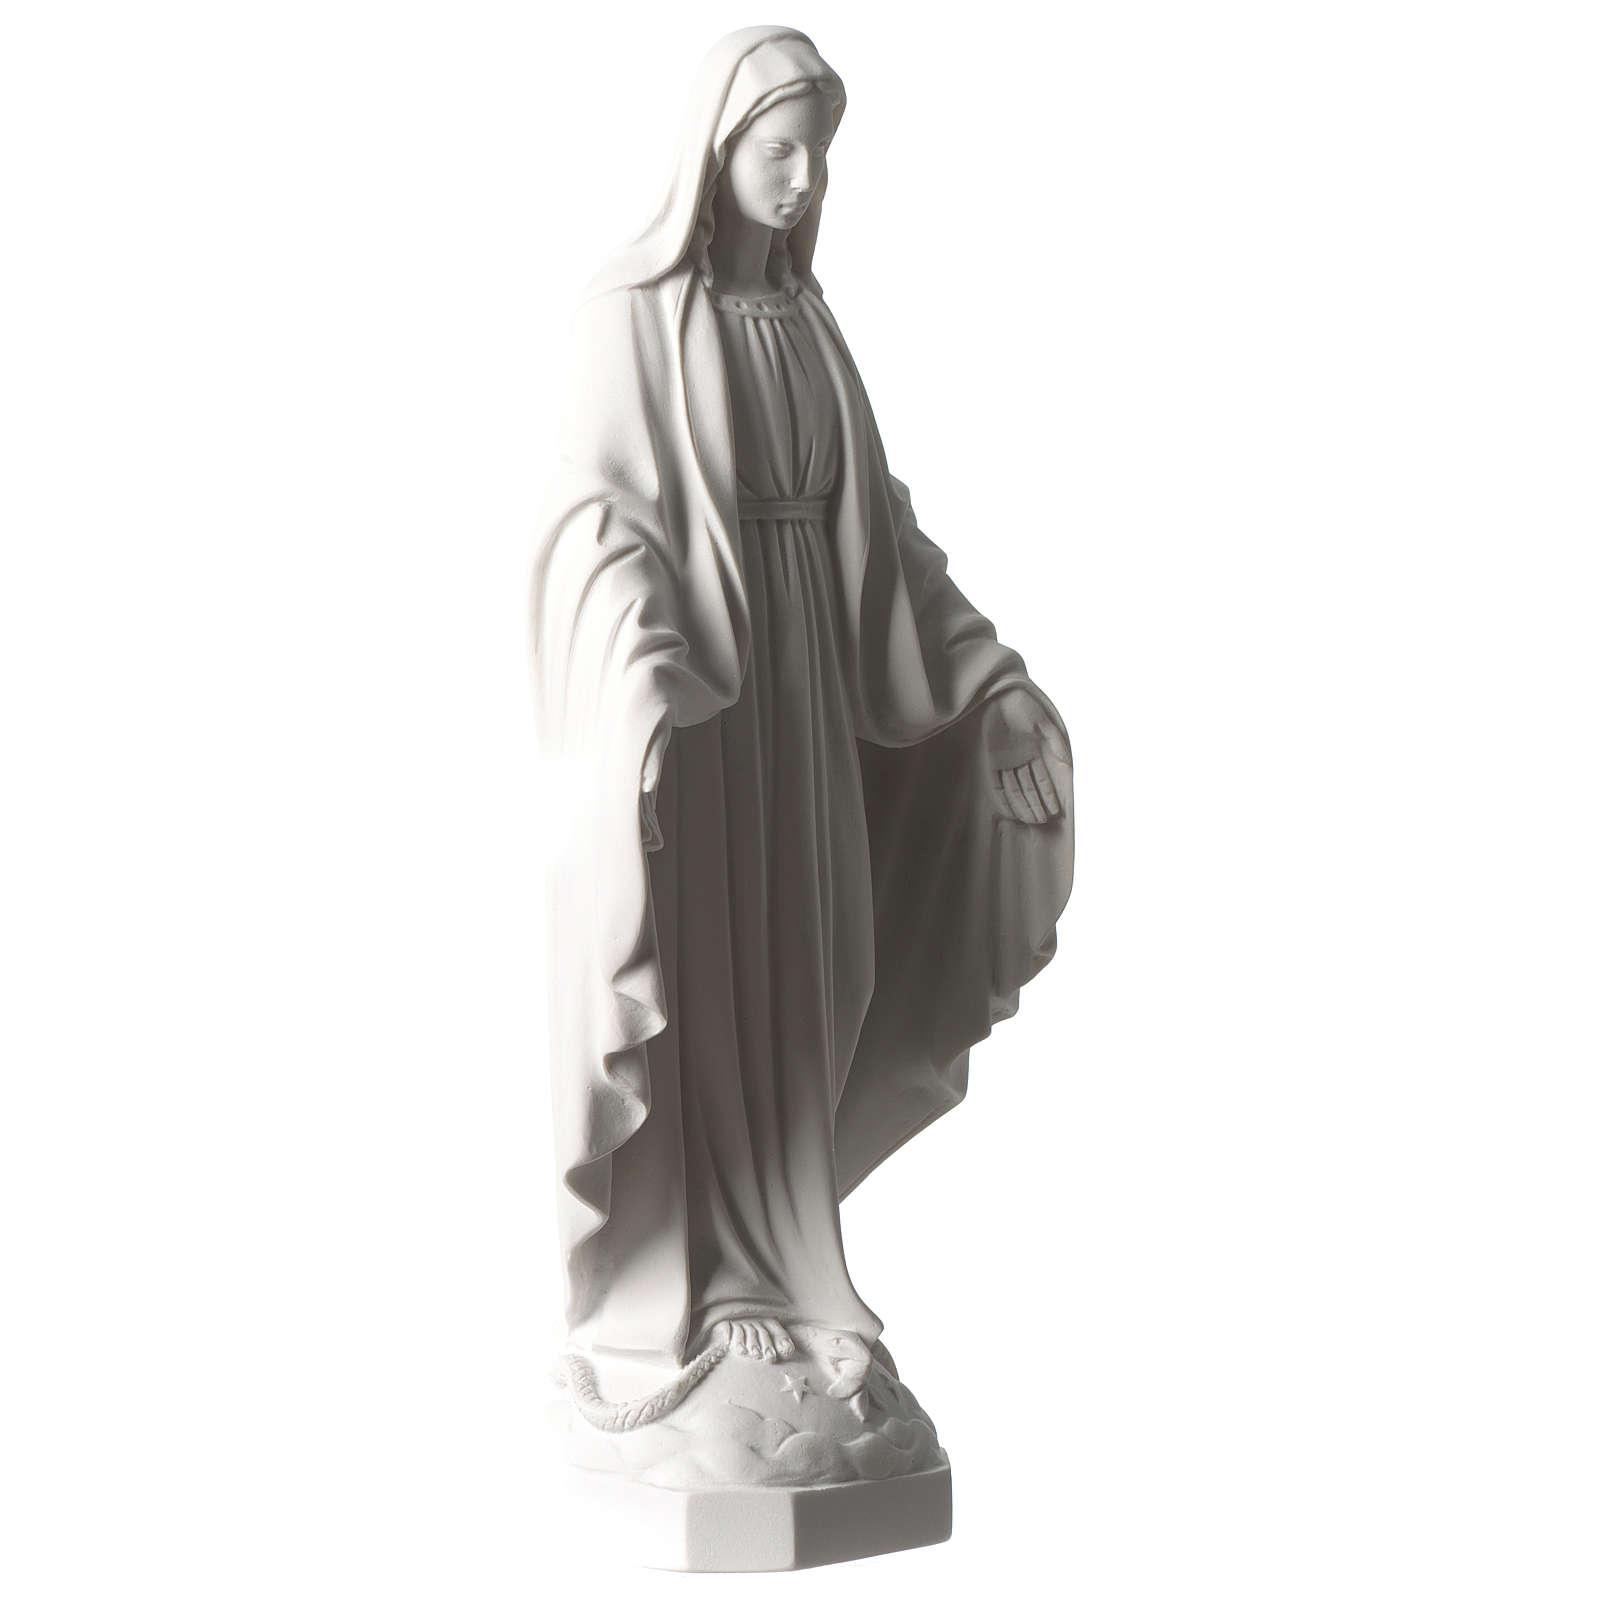 Vierge Miraculeuse marbre synthétique blanc Carrare 35 cm 4